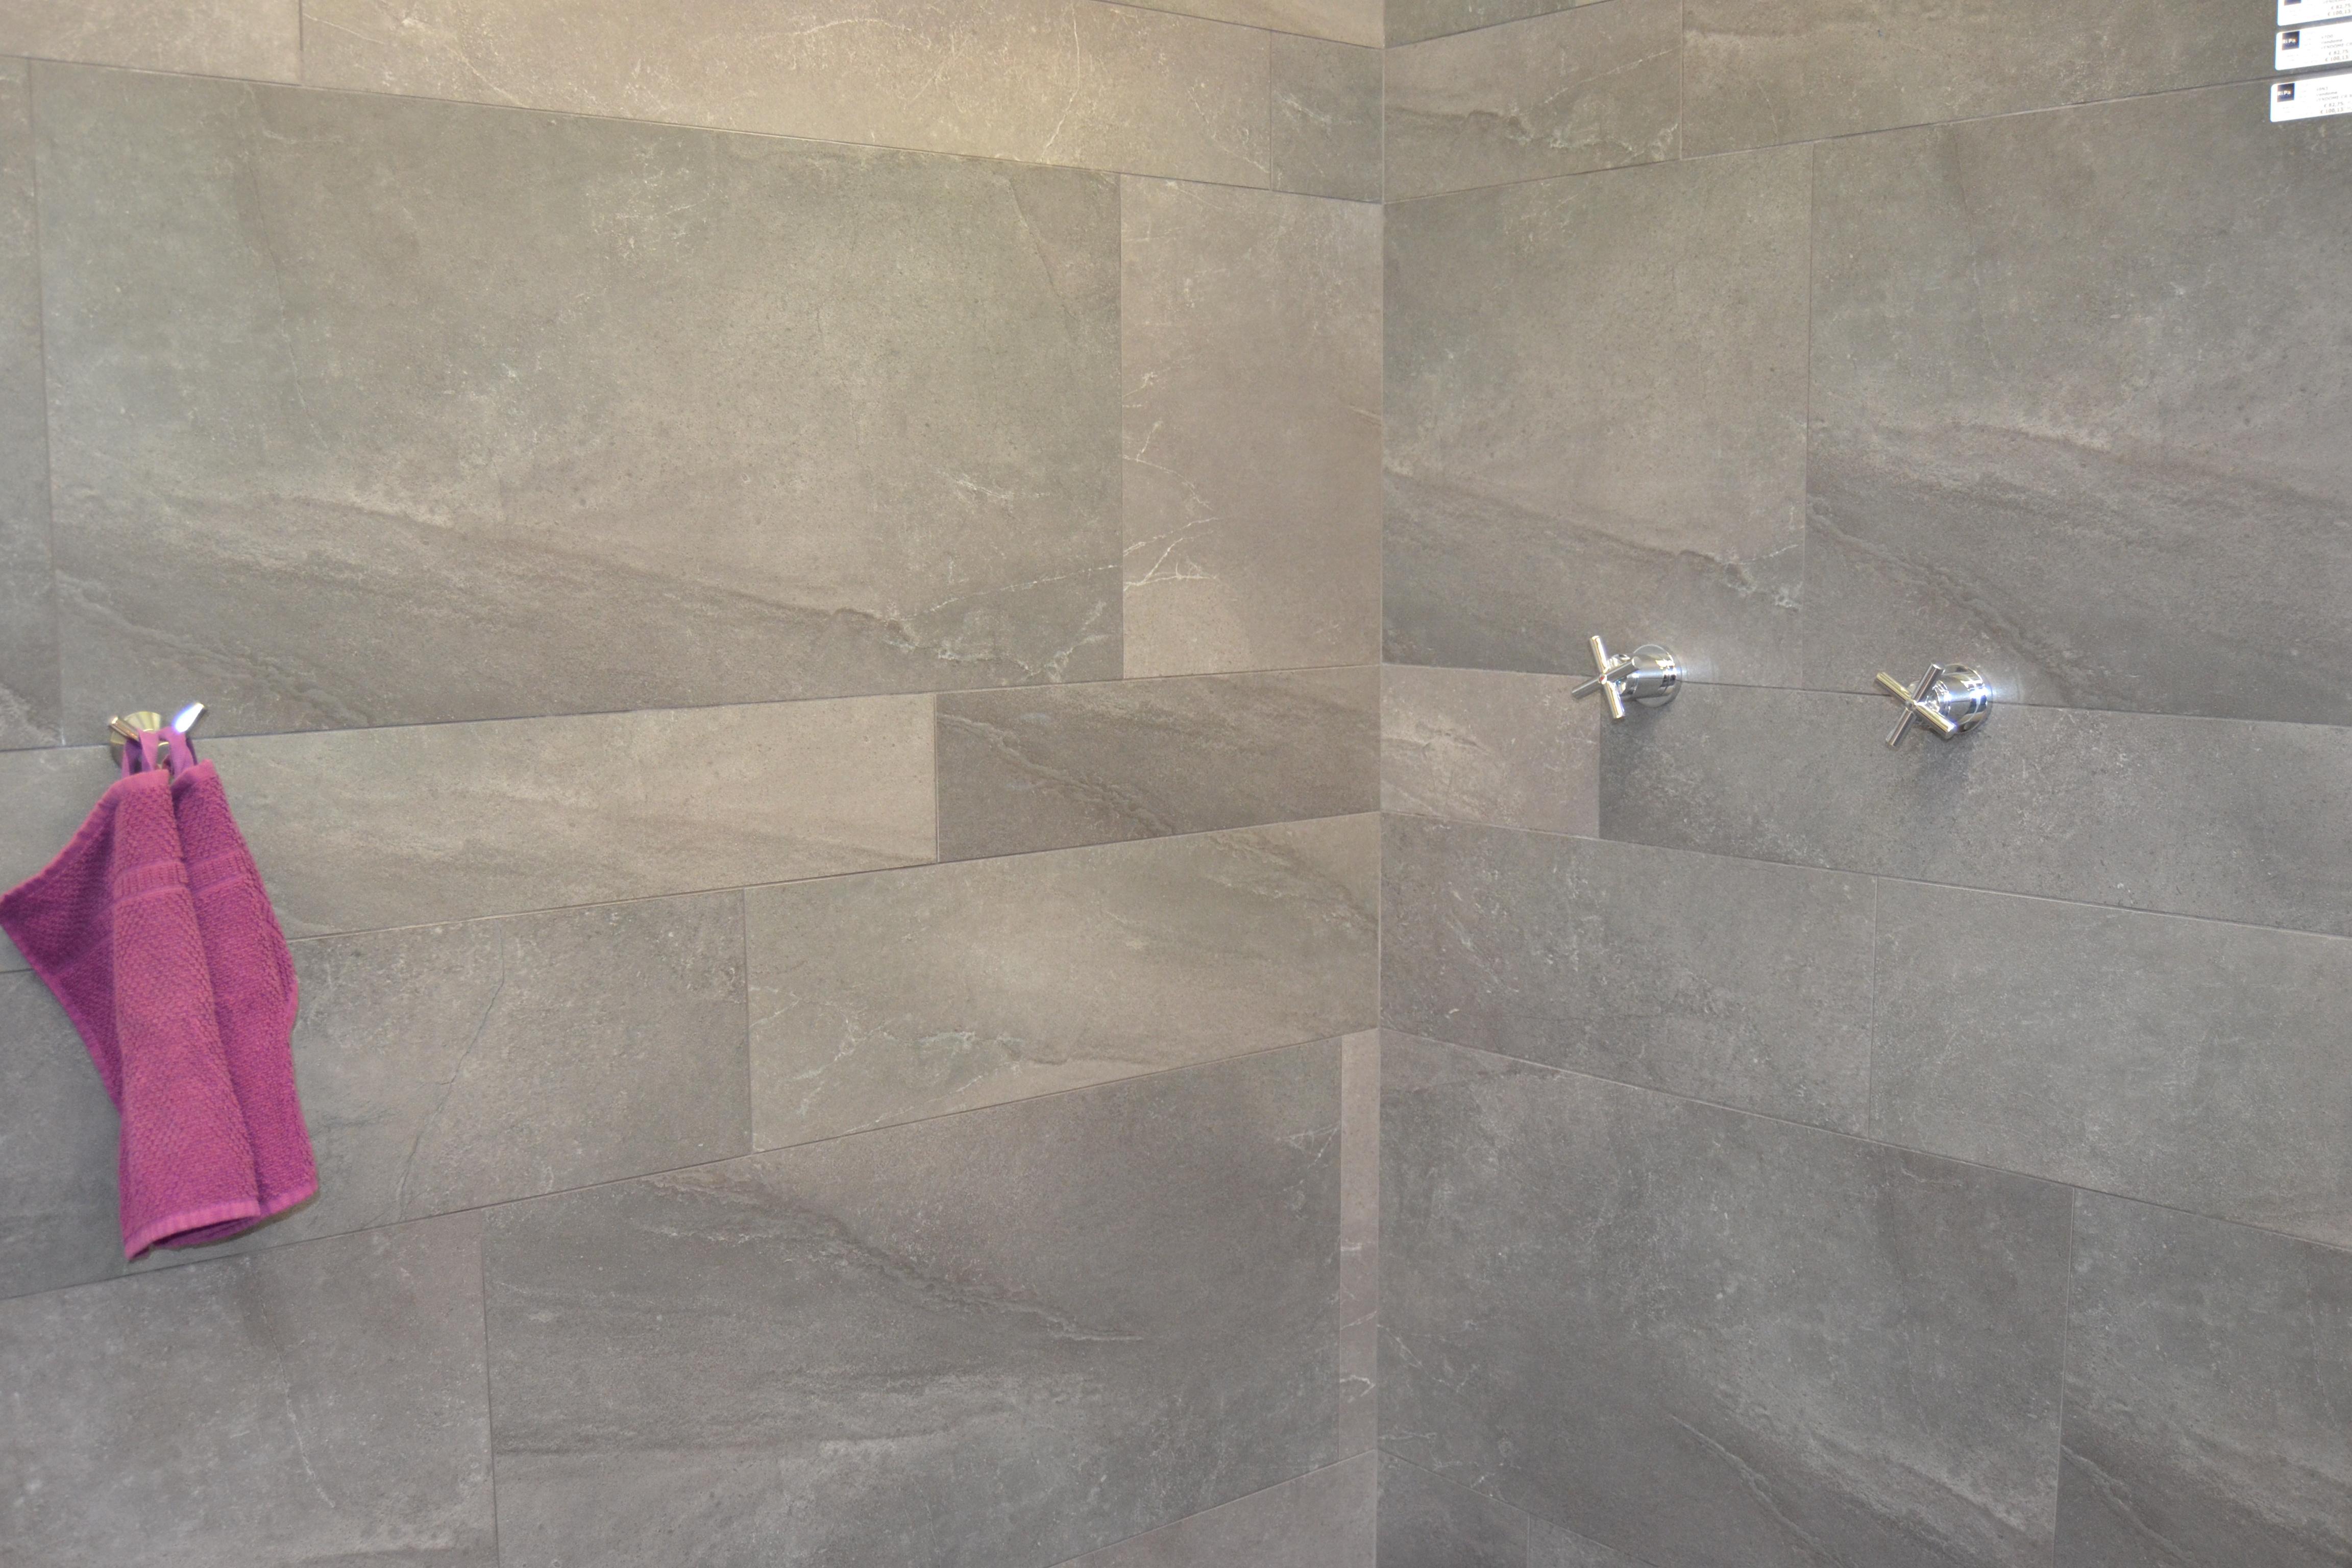 Tegels Badkamer Verwijderen : Kalk verwijderen badkamer. beautiful verwijderen met betrekking tot